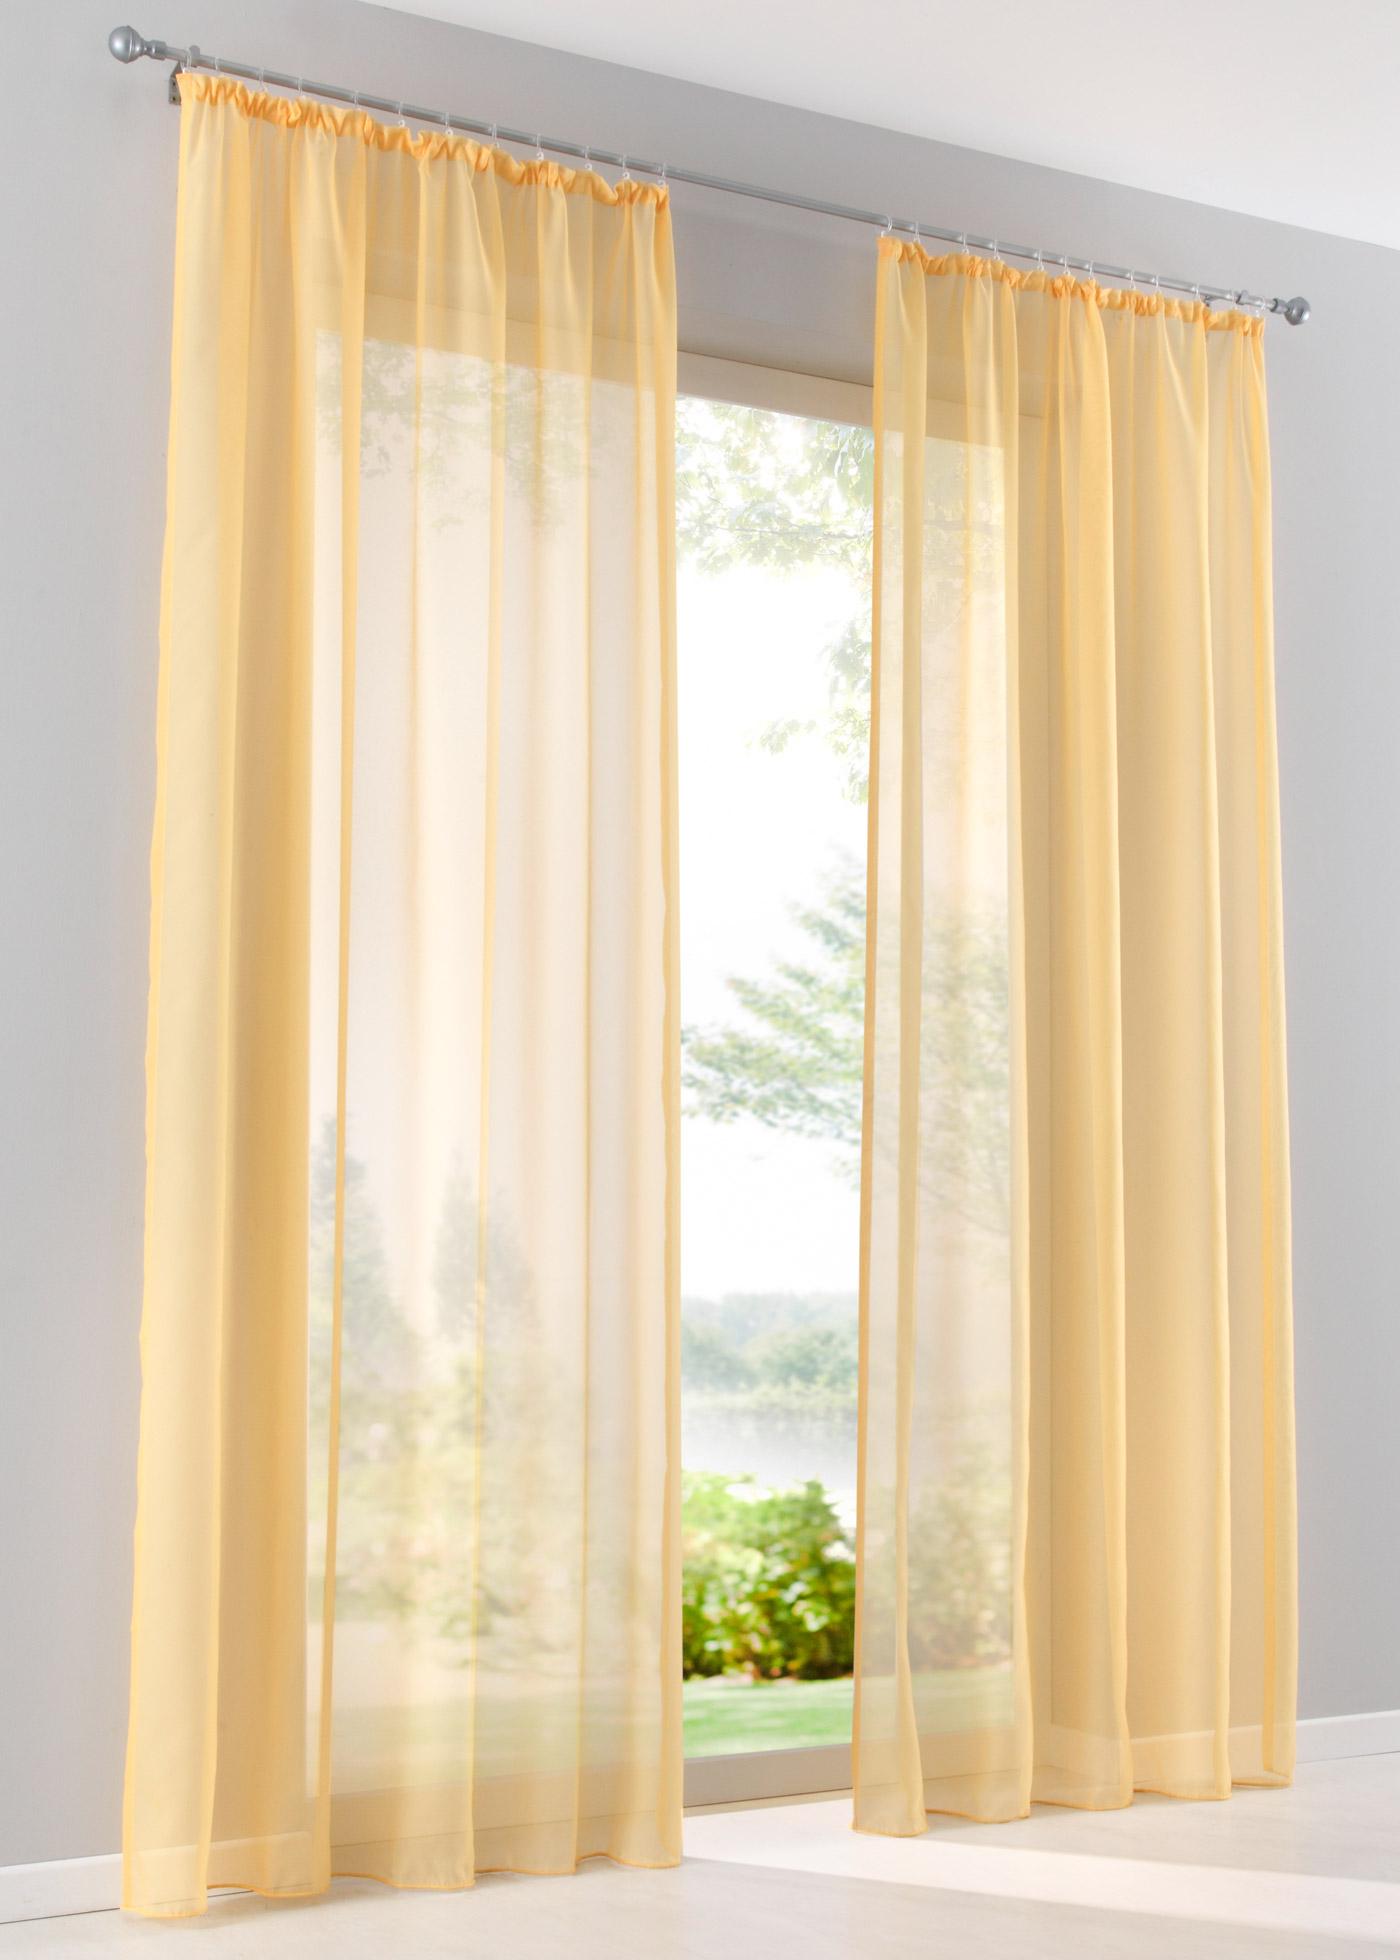 """Voilage transparent, tissu fluide et léger, base lestée, accrochage par galon fronceur, œillets ou pattes, lavable et facile d""""entretien."""